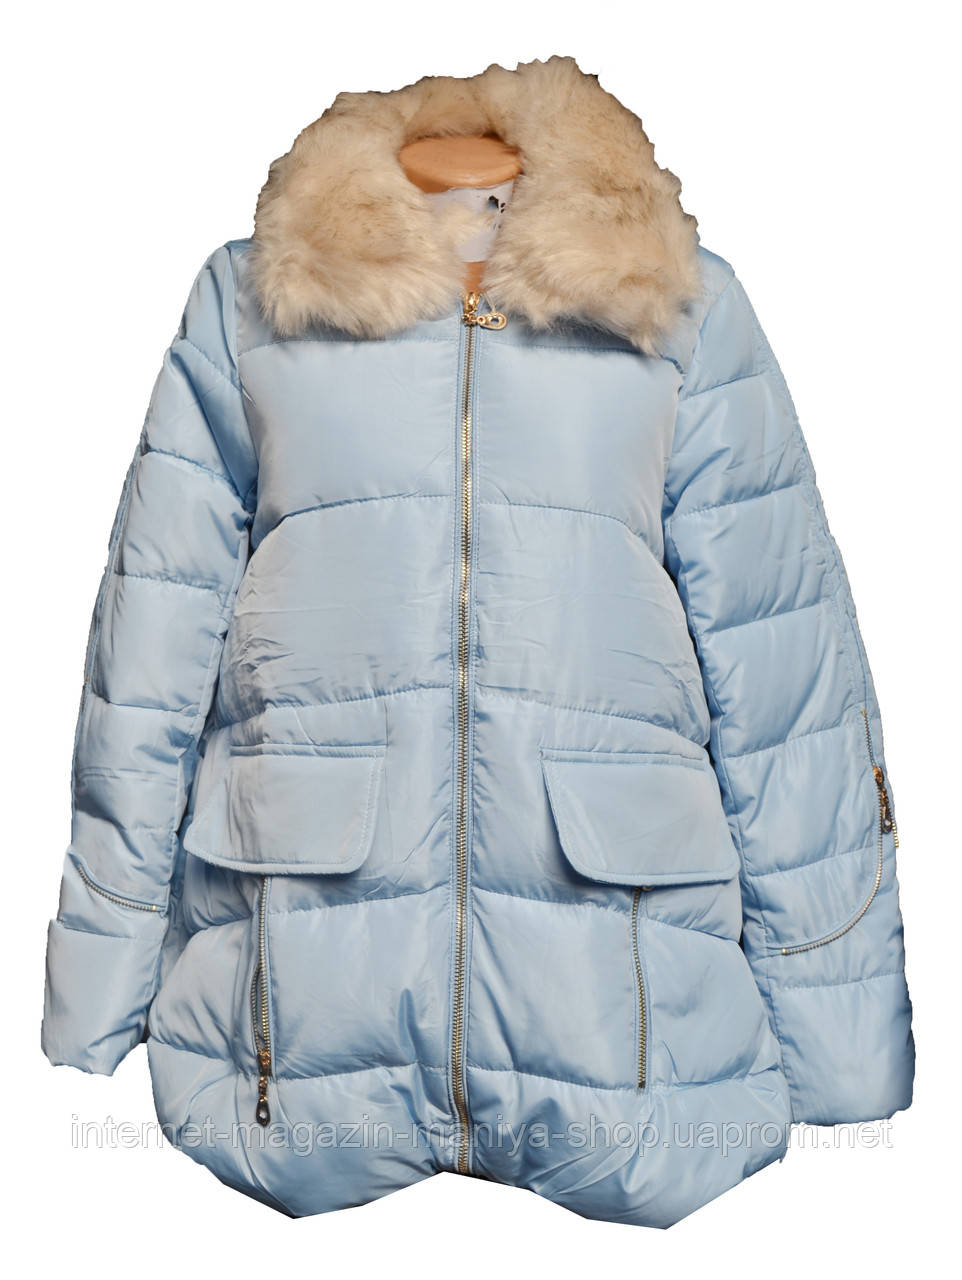 Куртка женская зима от 2 единиц